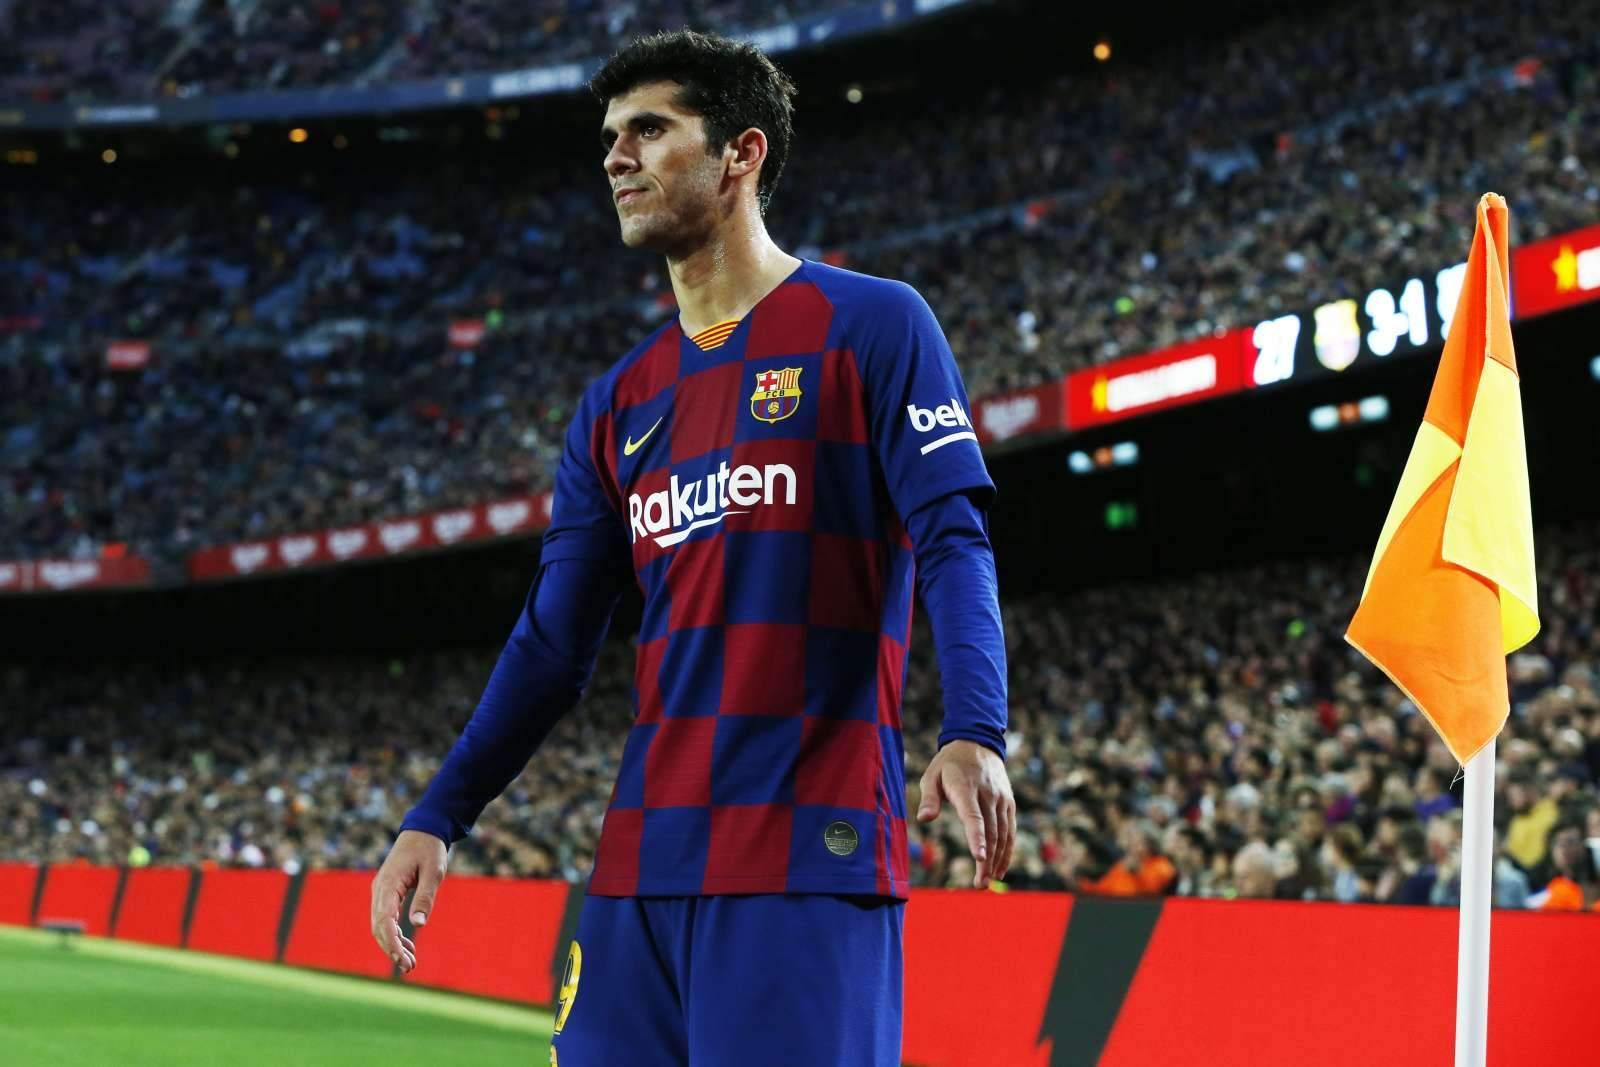 Аленья сменил «Барселону» на «Хетафе» до конца сезона